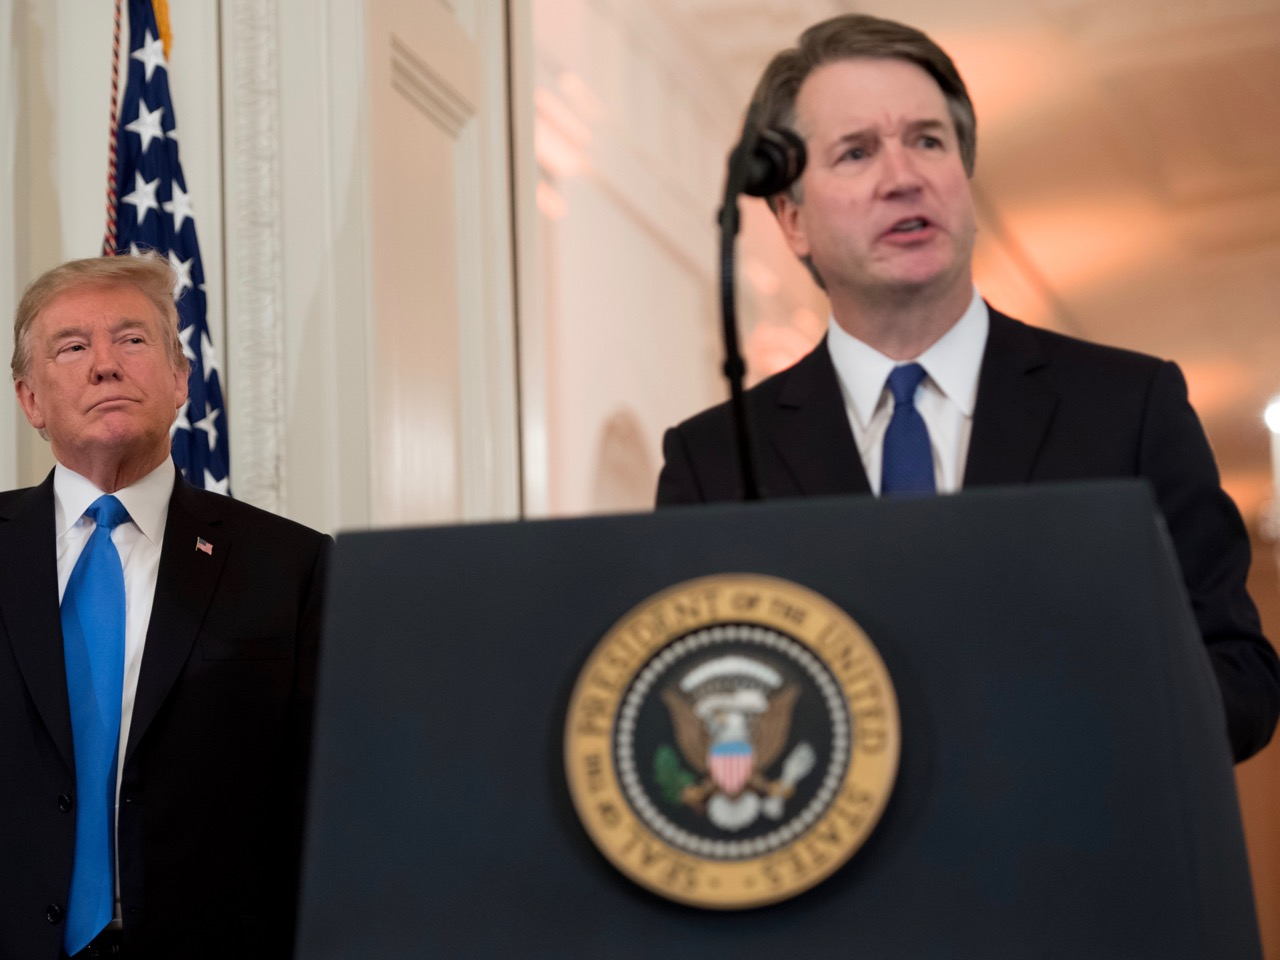 US-POLITICS-JUSTICE-TRUMP